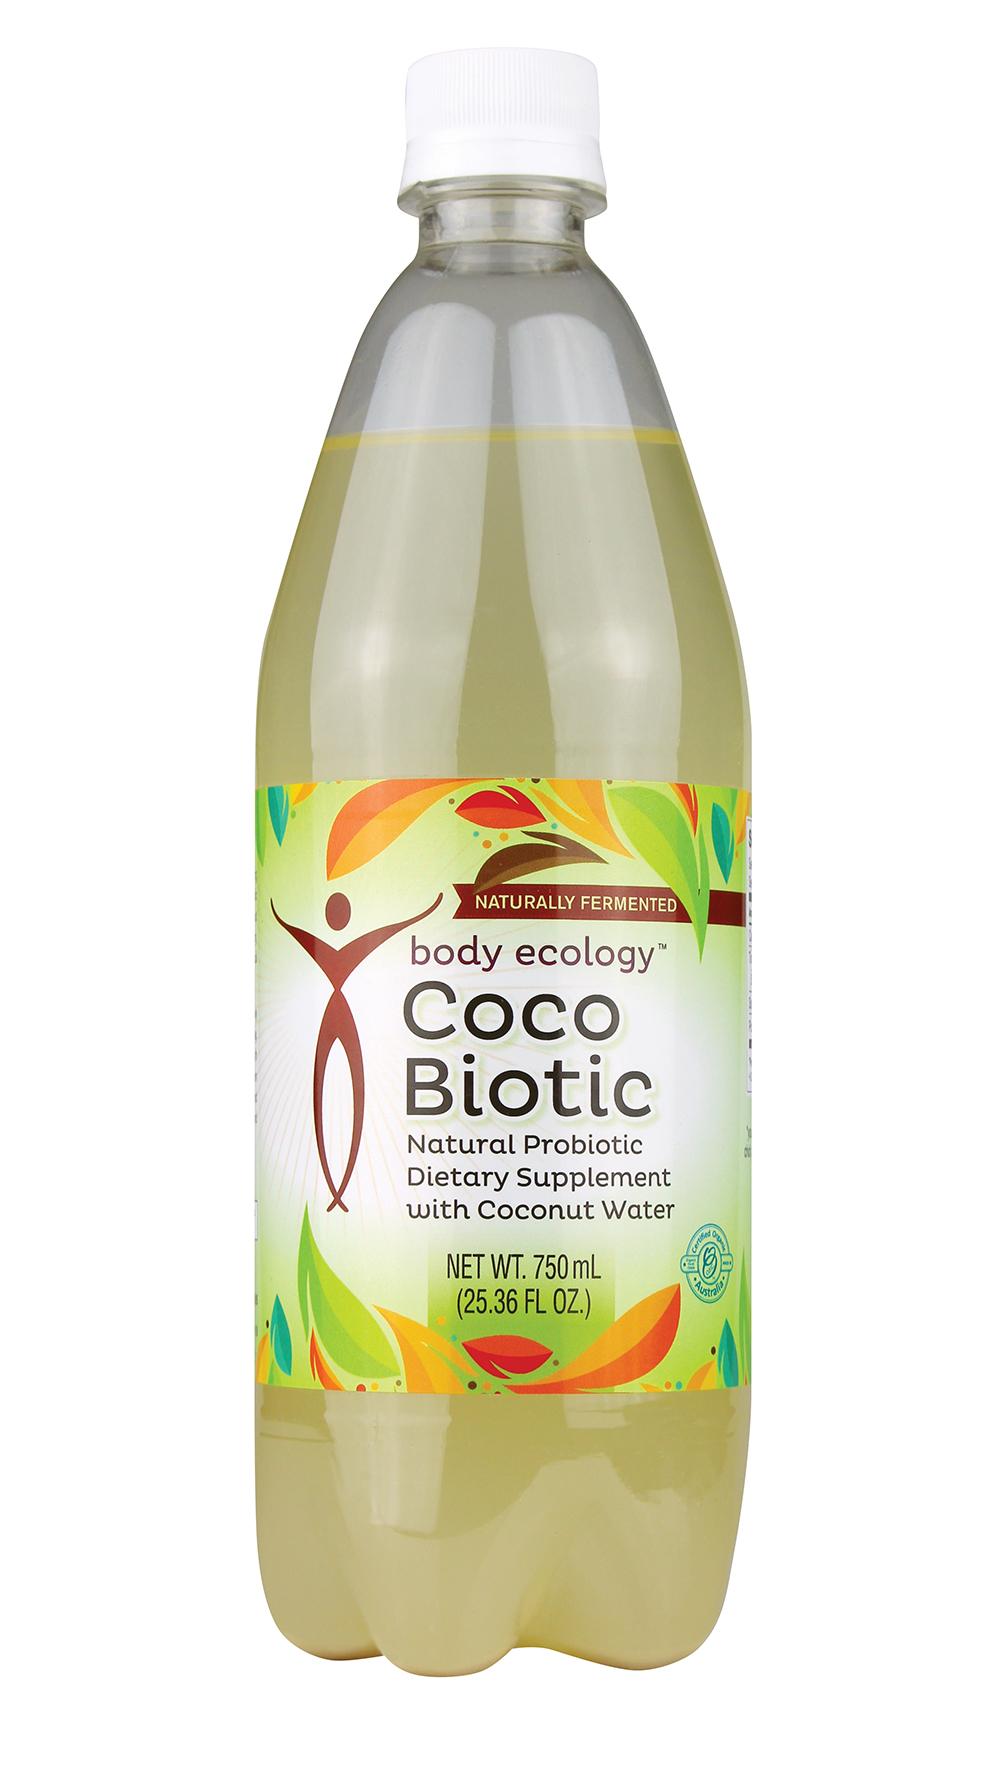 Cocobiotic